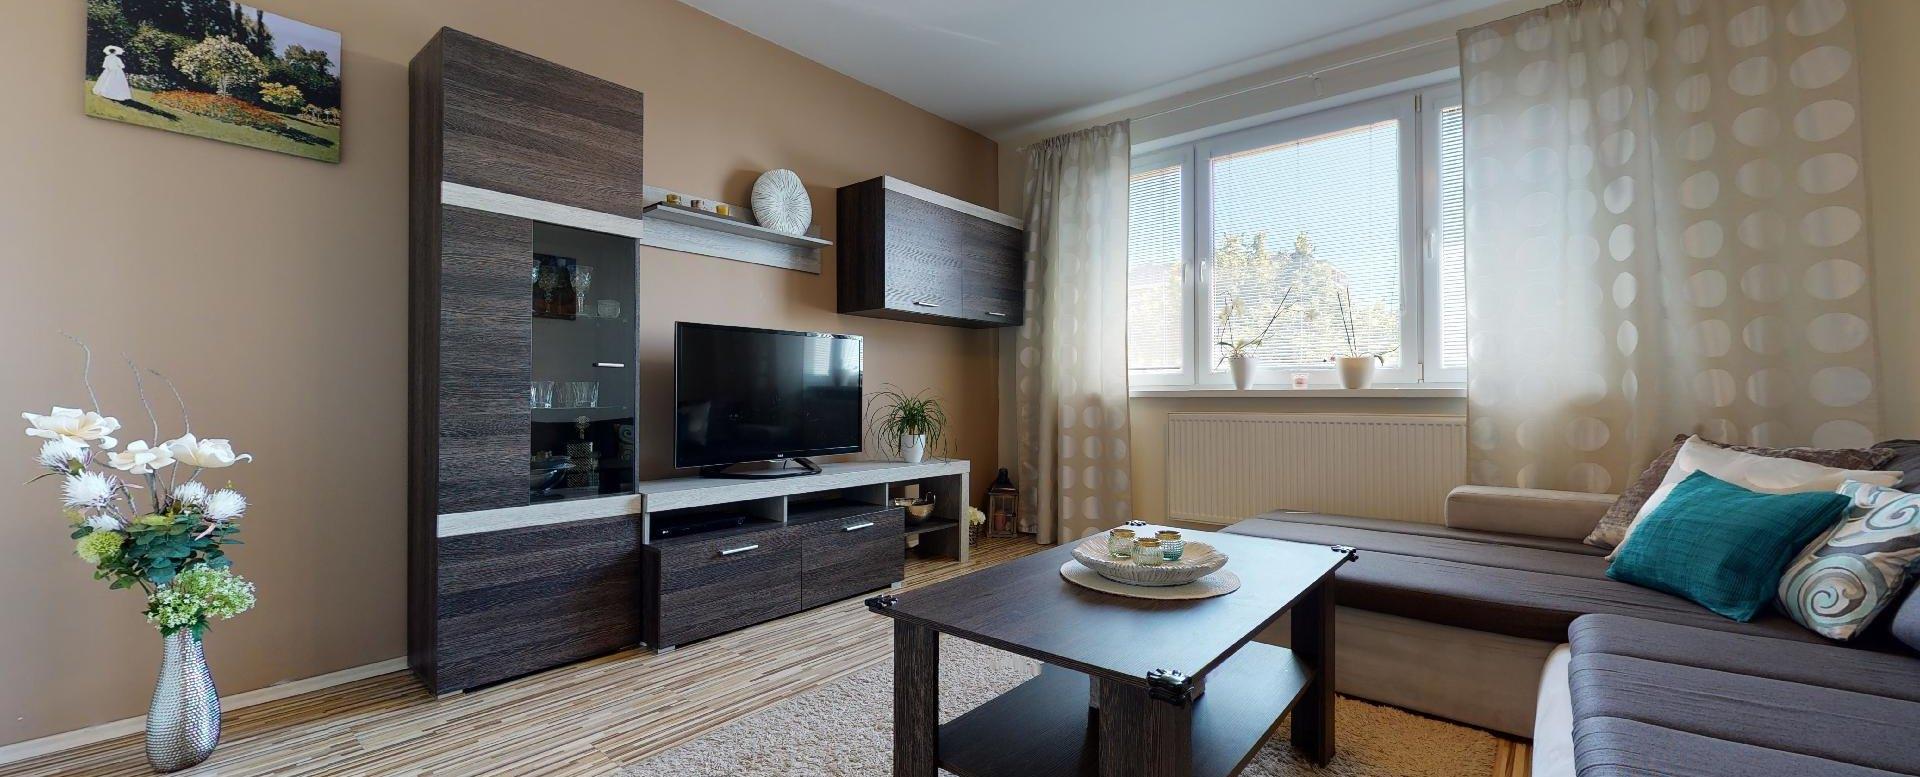 Obývacia izba s obývaciou zostavou